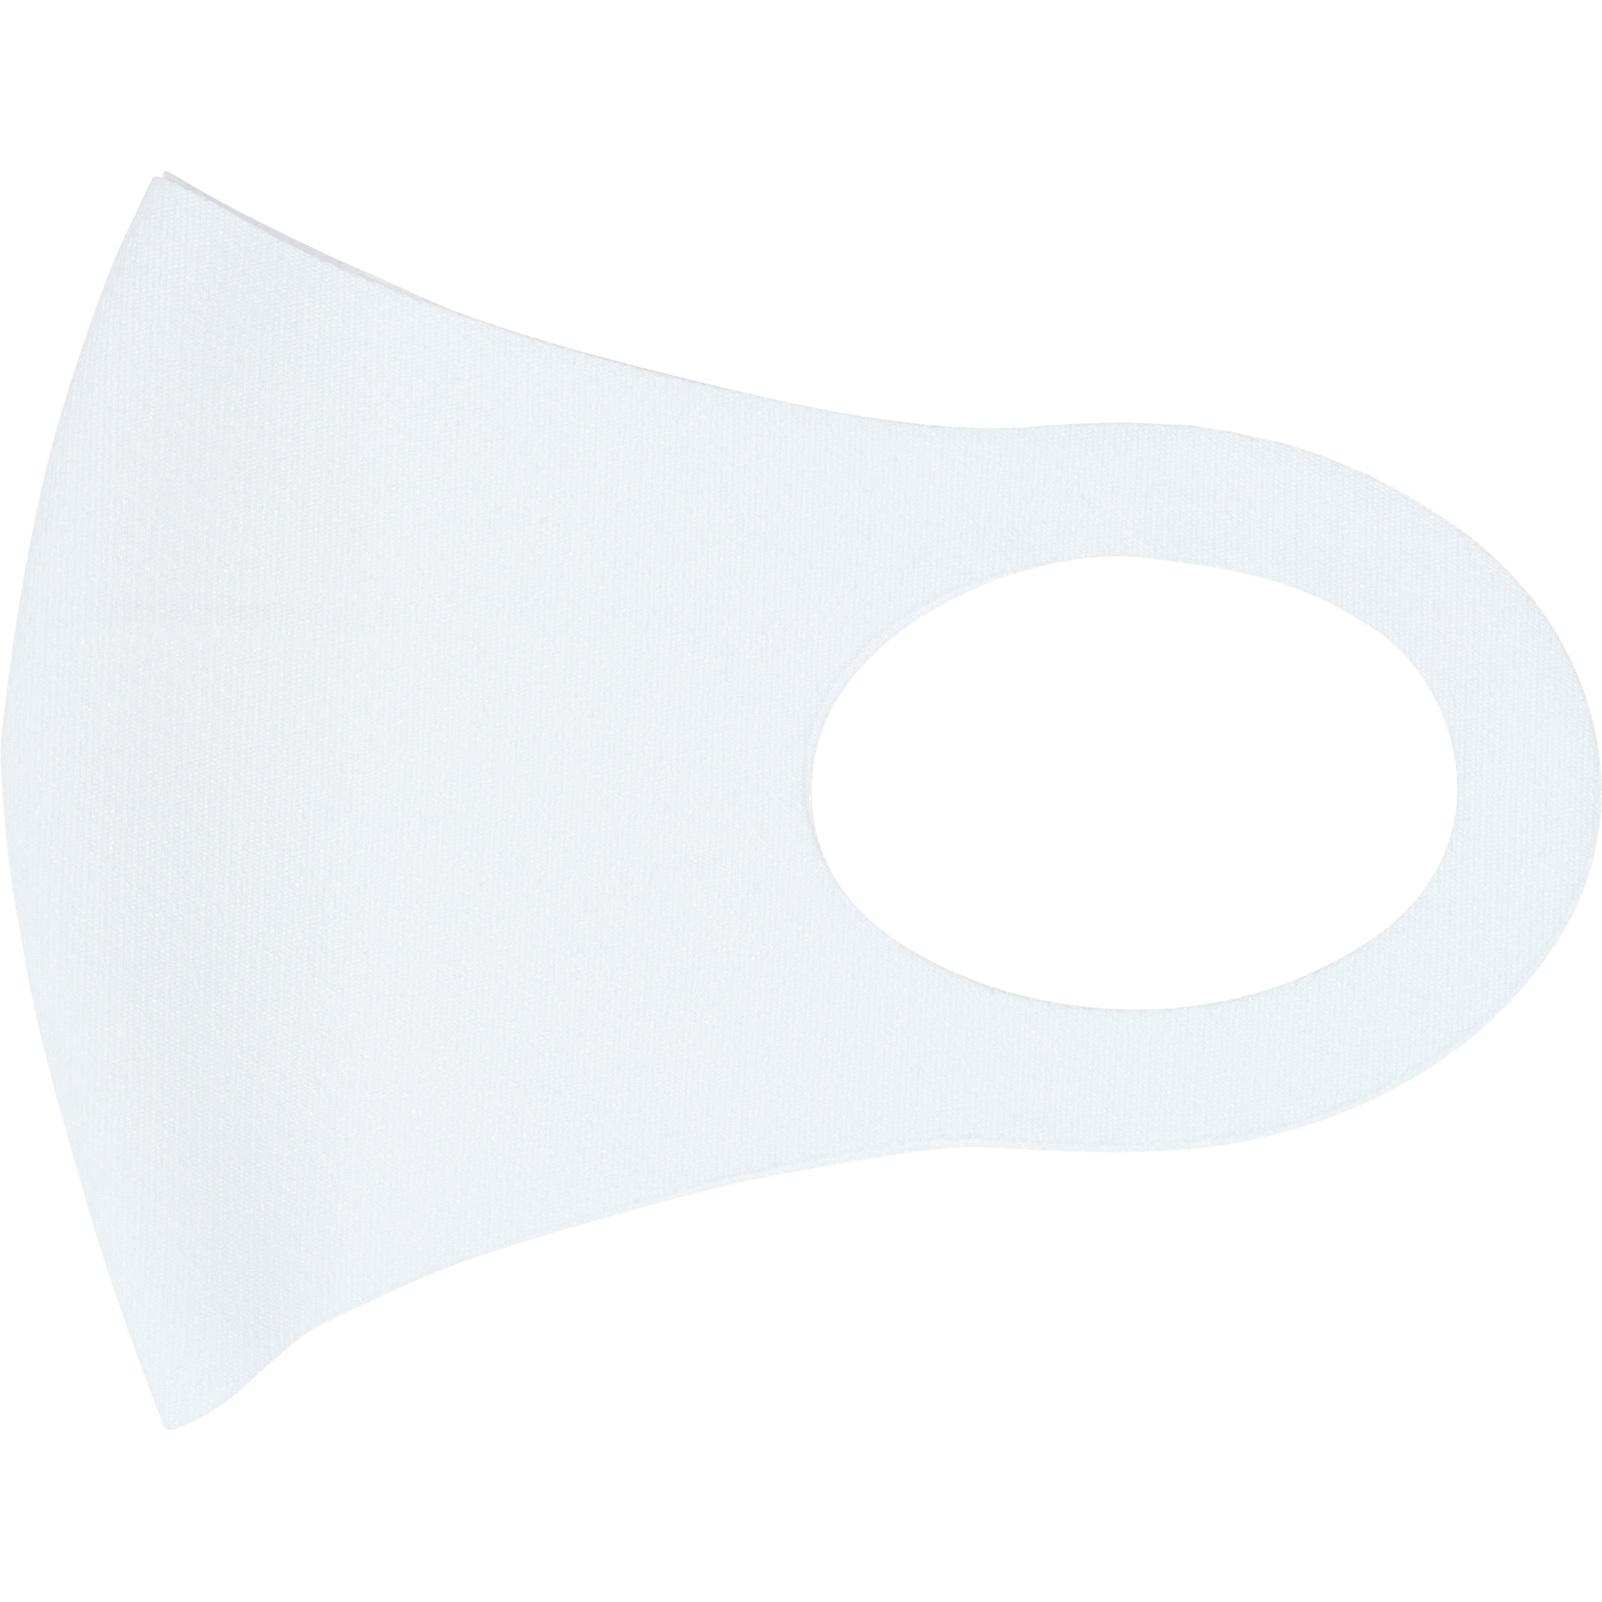 ホワイト 1セット(2枚入り)